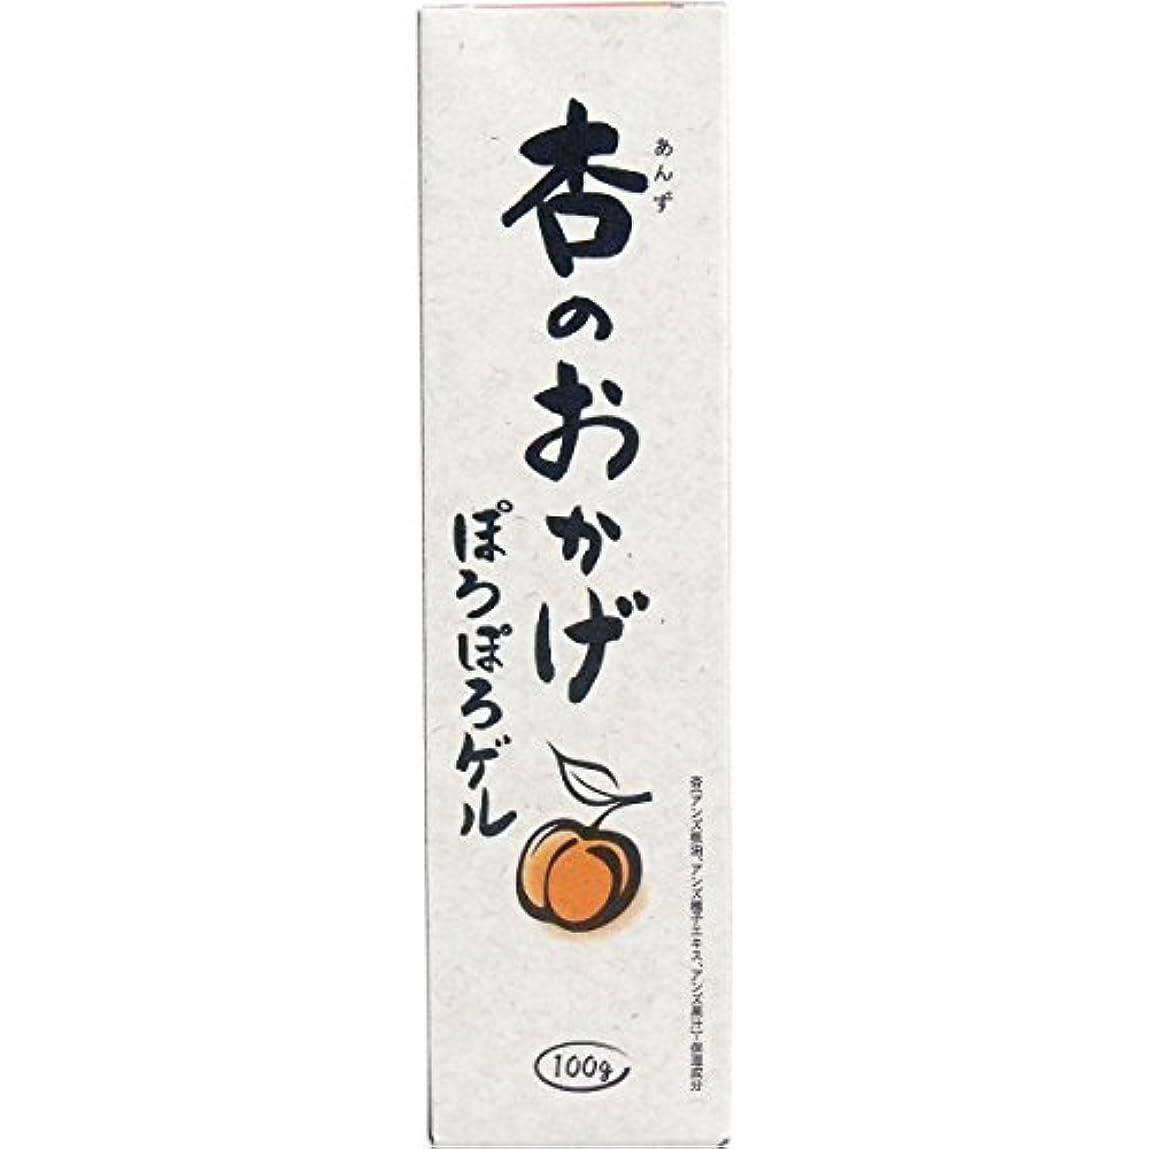 セールスマンこっそりステレオタイプ杏のおかげ ぽろぽろゲル 100g